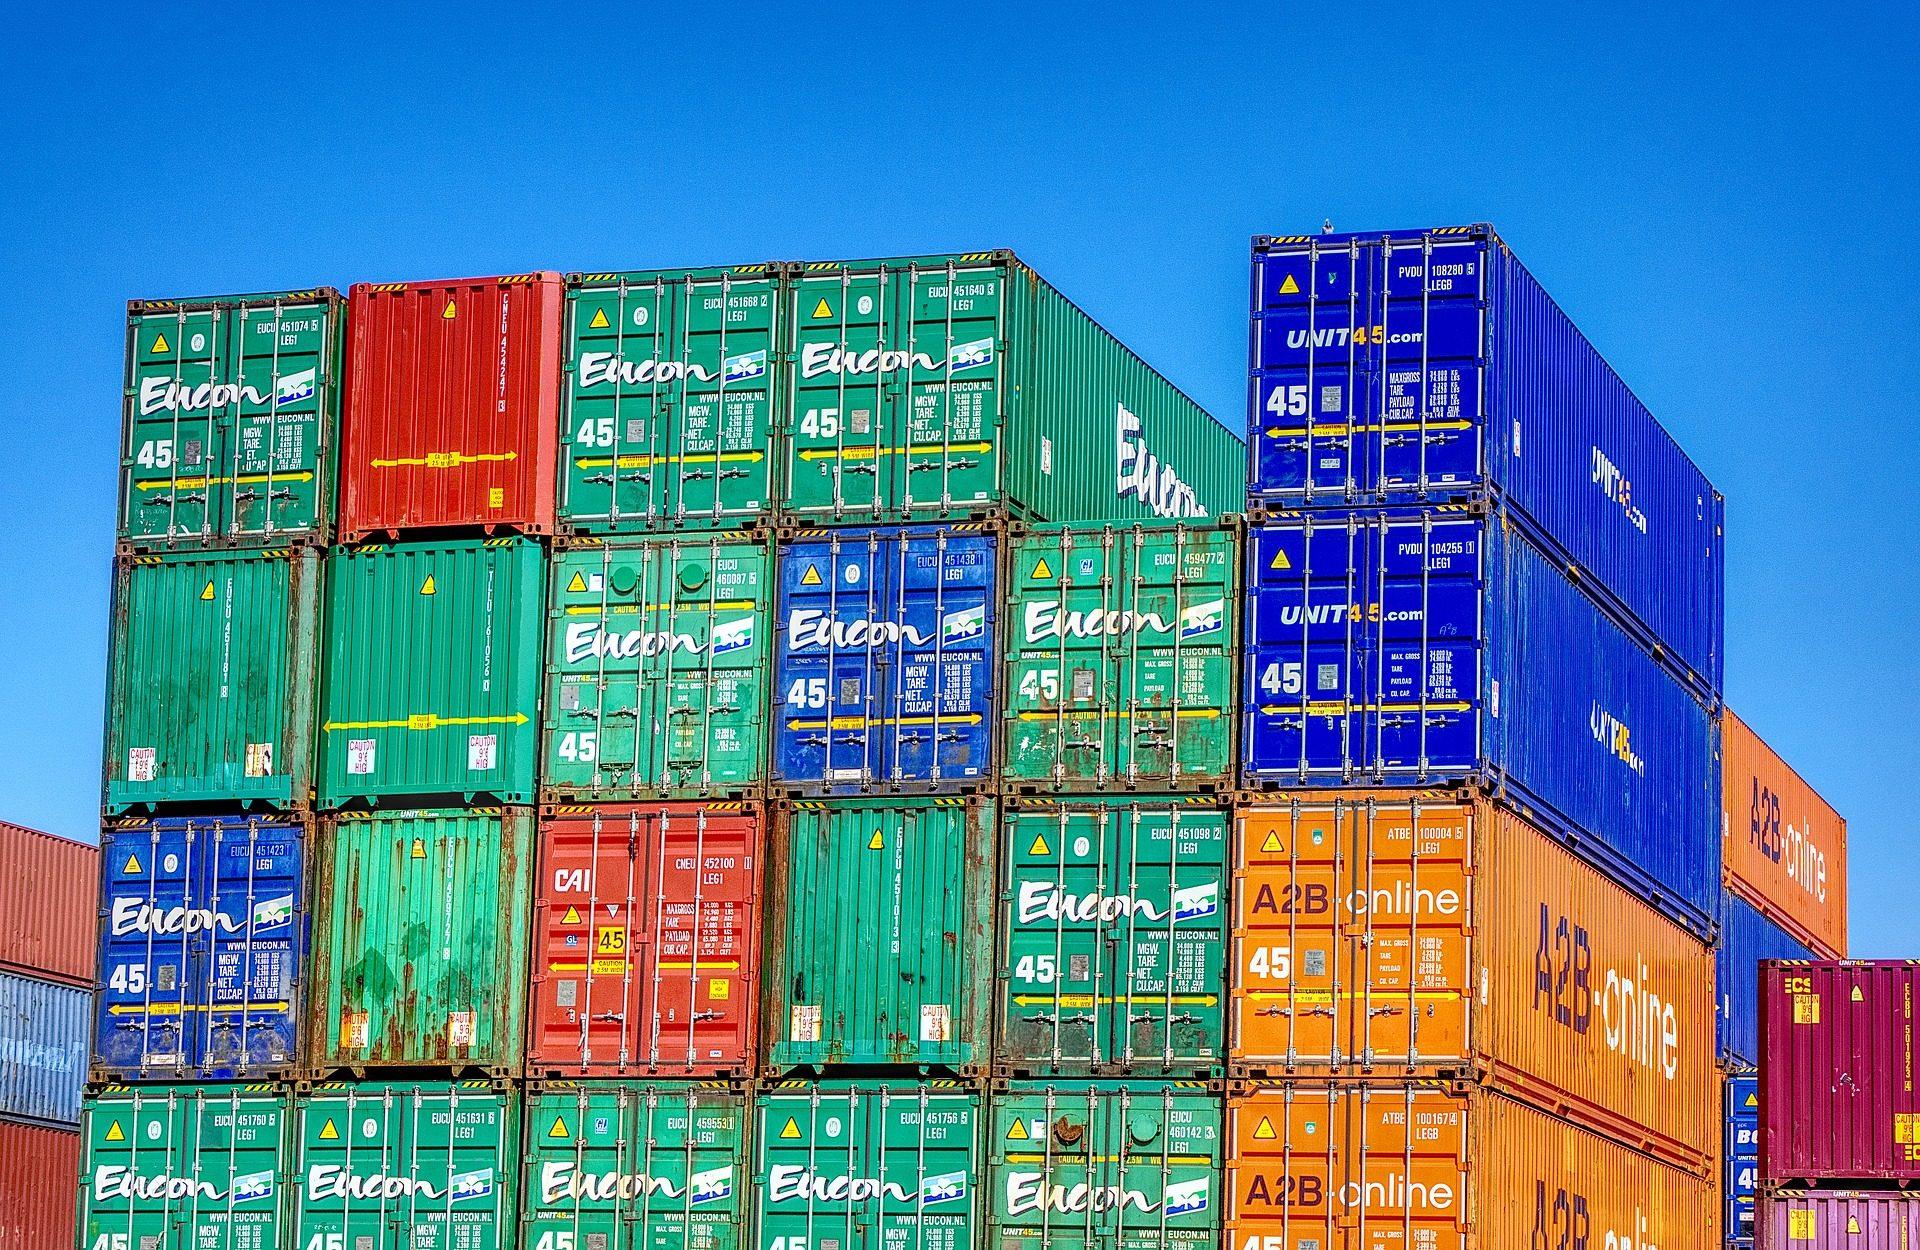 контейнеры, загрузить, с накоплением, Товары, Порт - Обои HD - Профессор falken.com